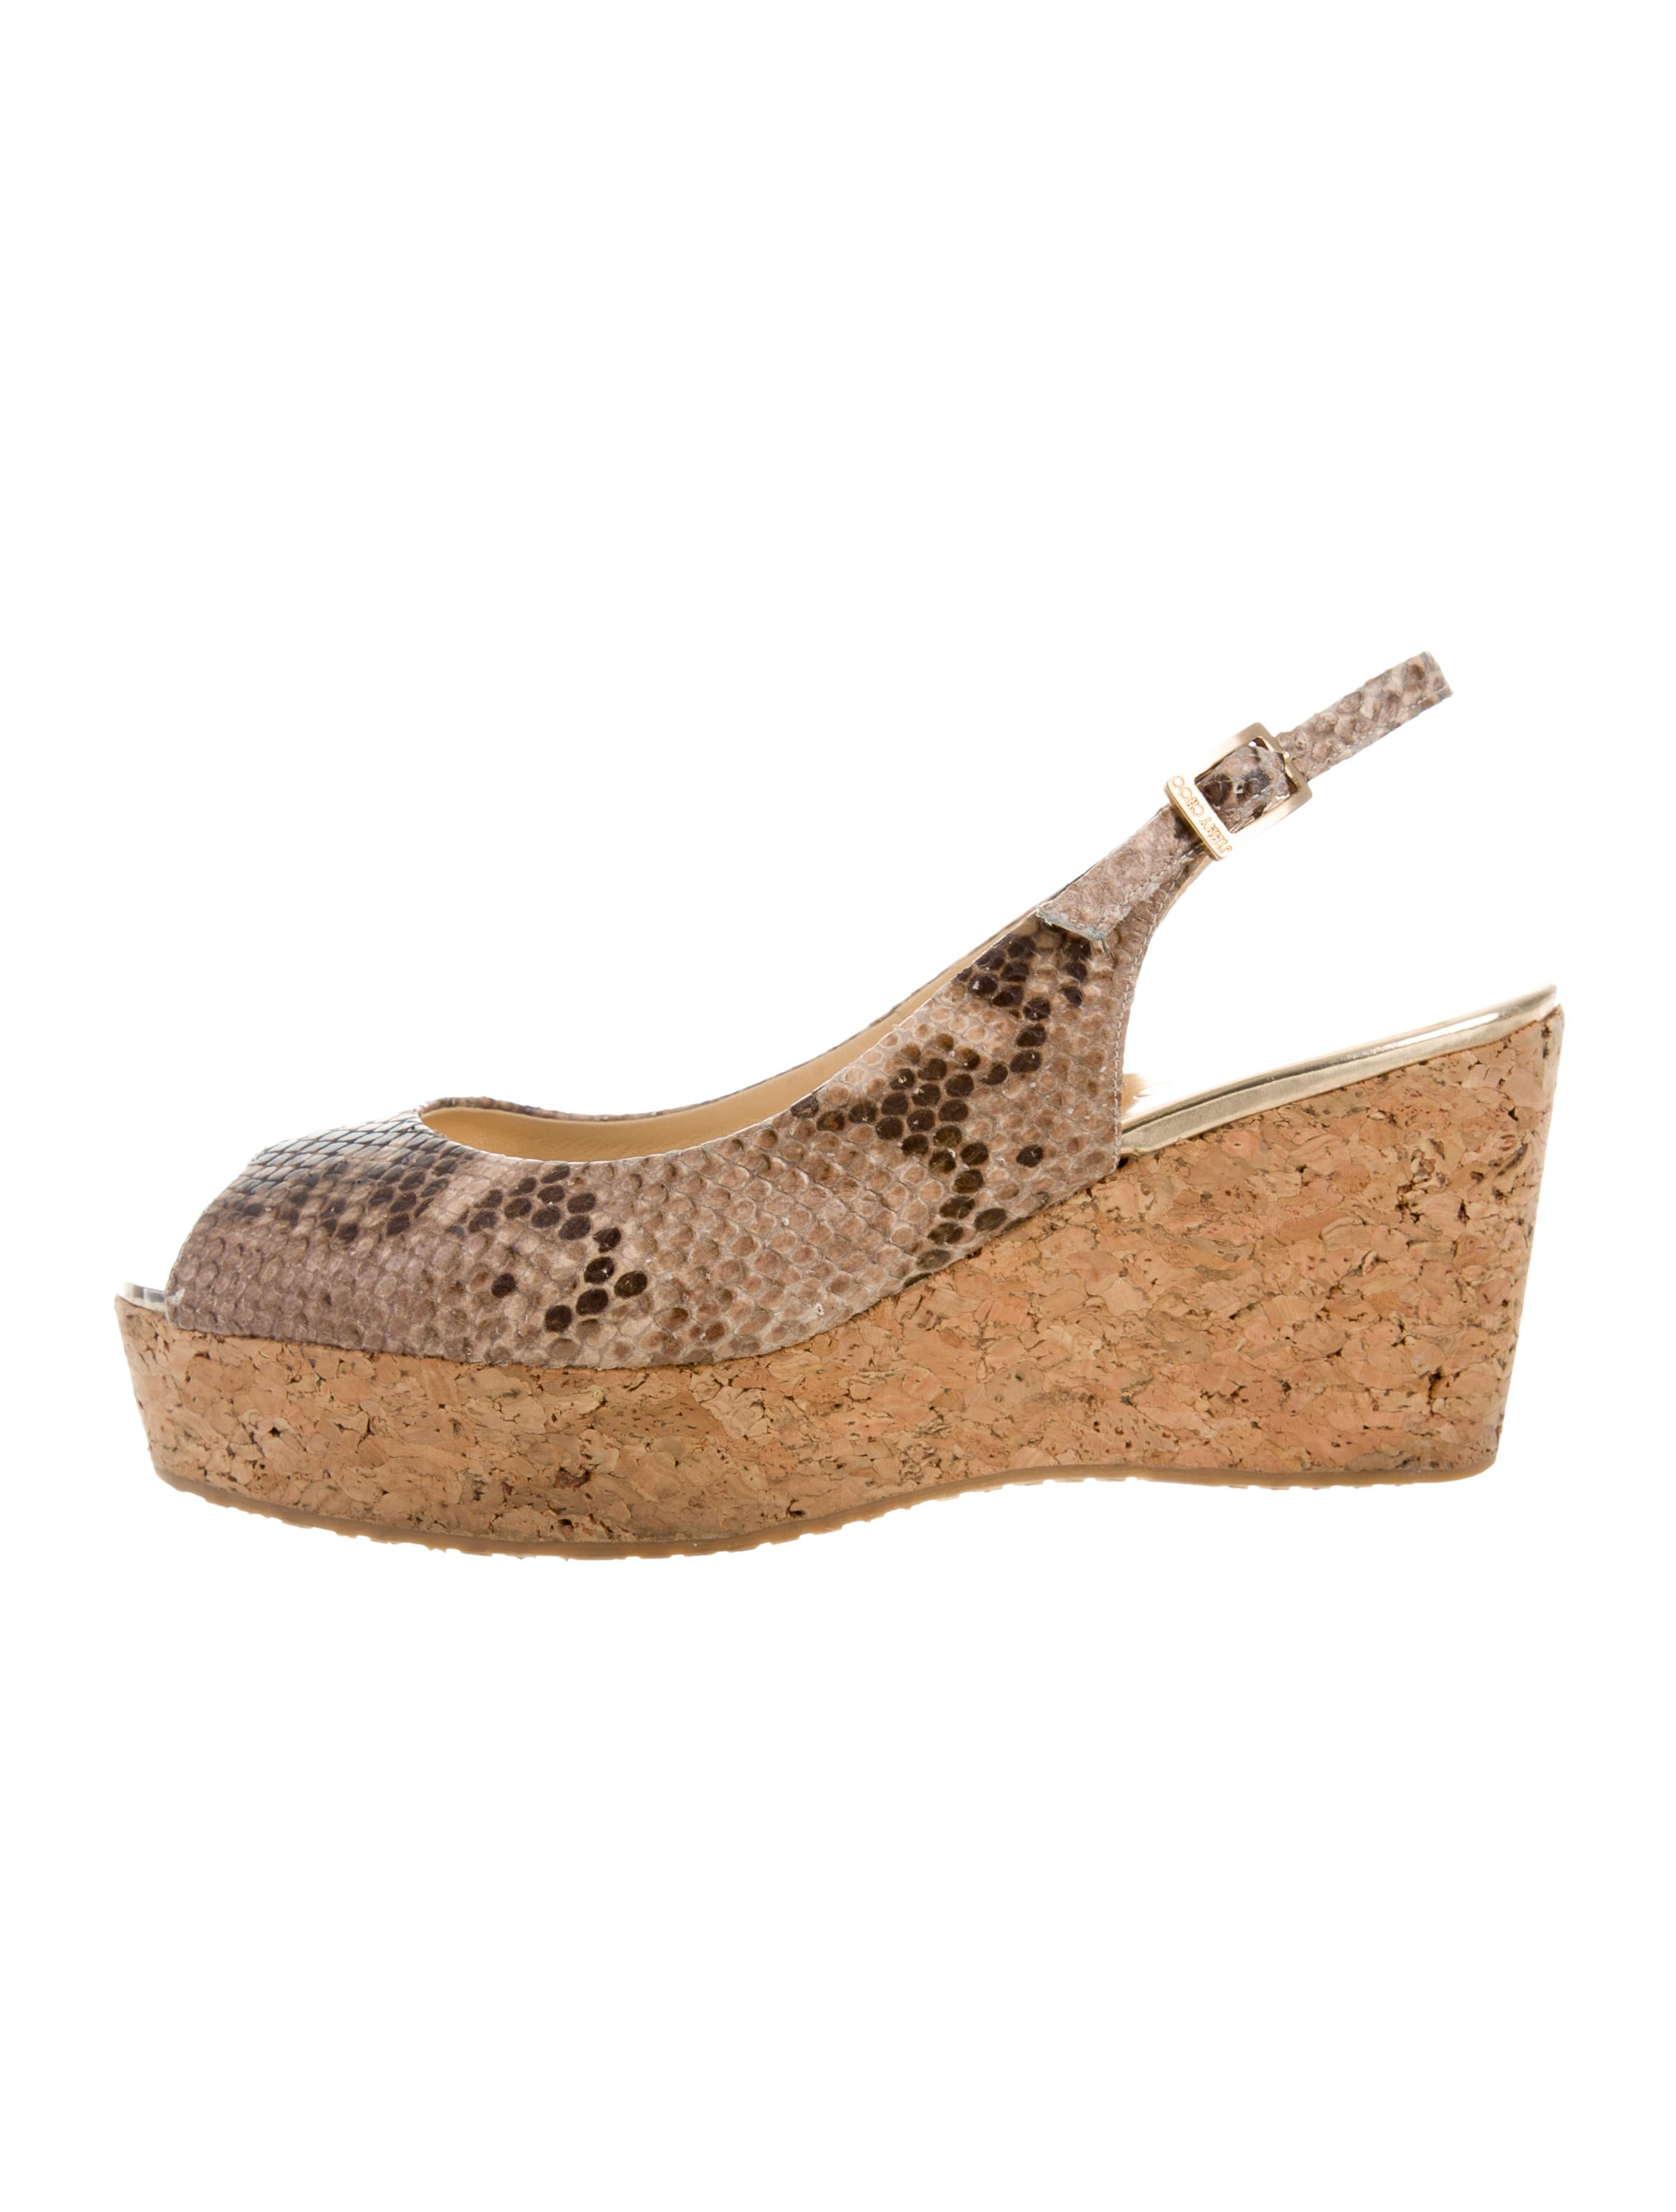 jimmy choo snakeskin wedge sandals shoes jim60892